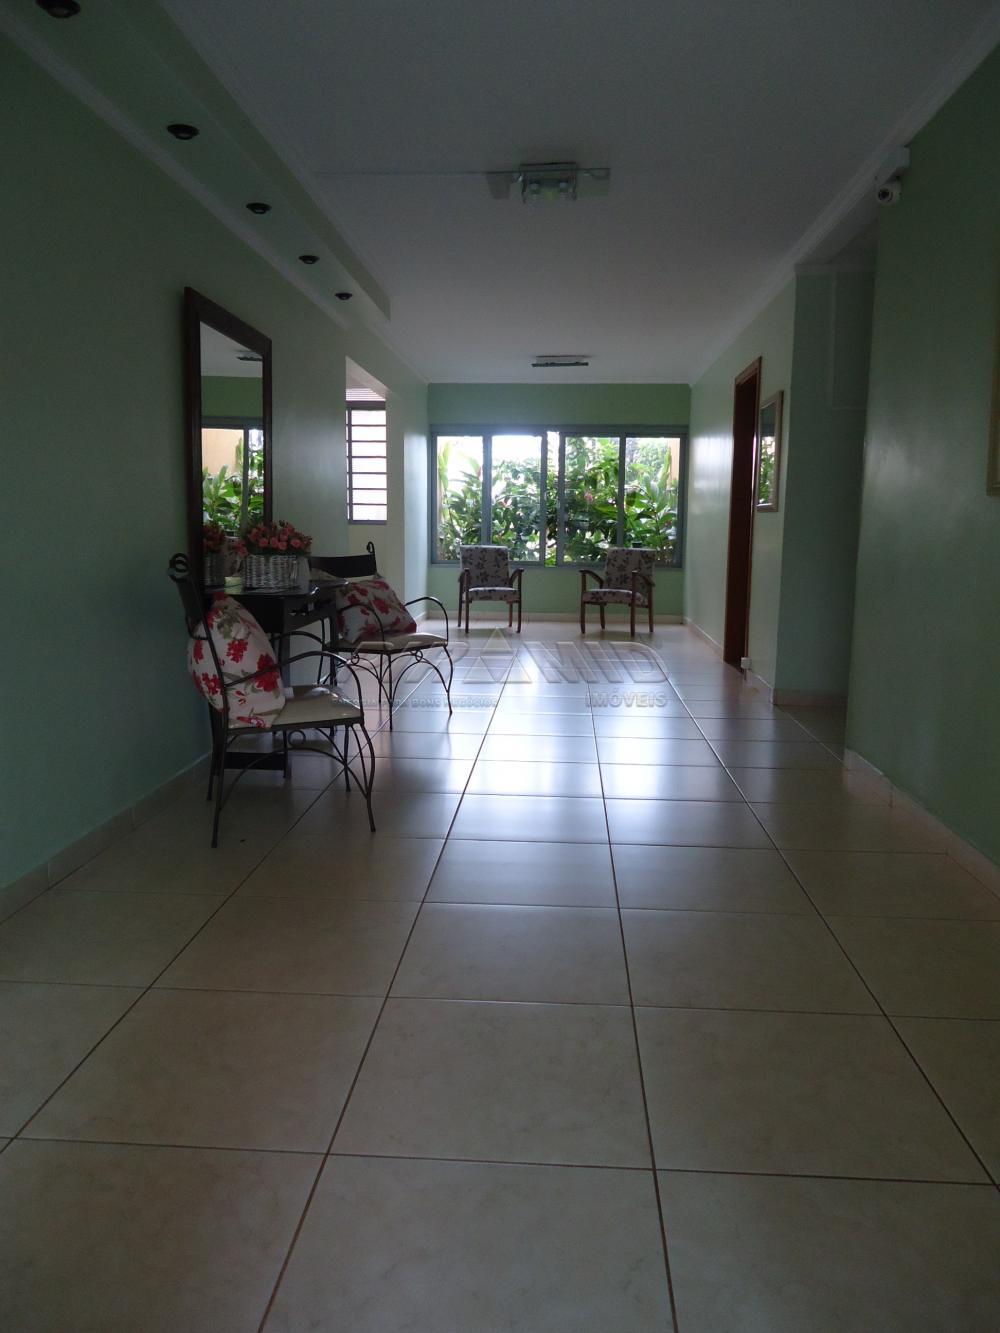 Comprar Apartamento / Padrão em Ribeirão Preto R$ 190.000,00 - Foto 15